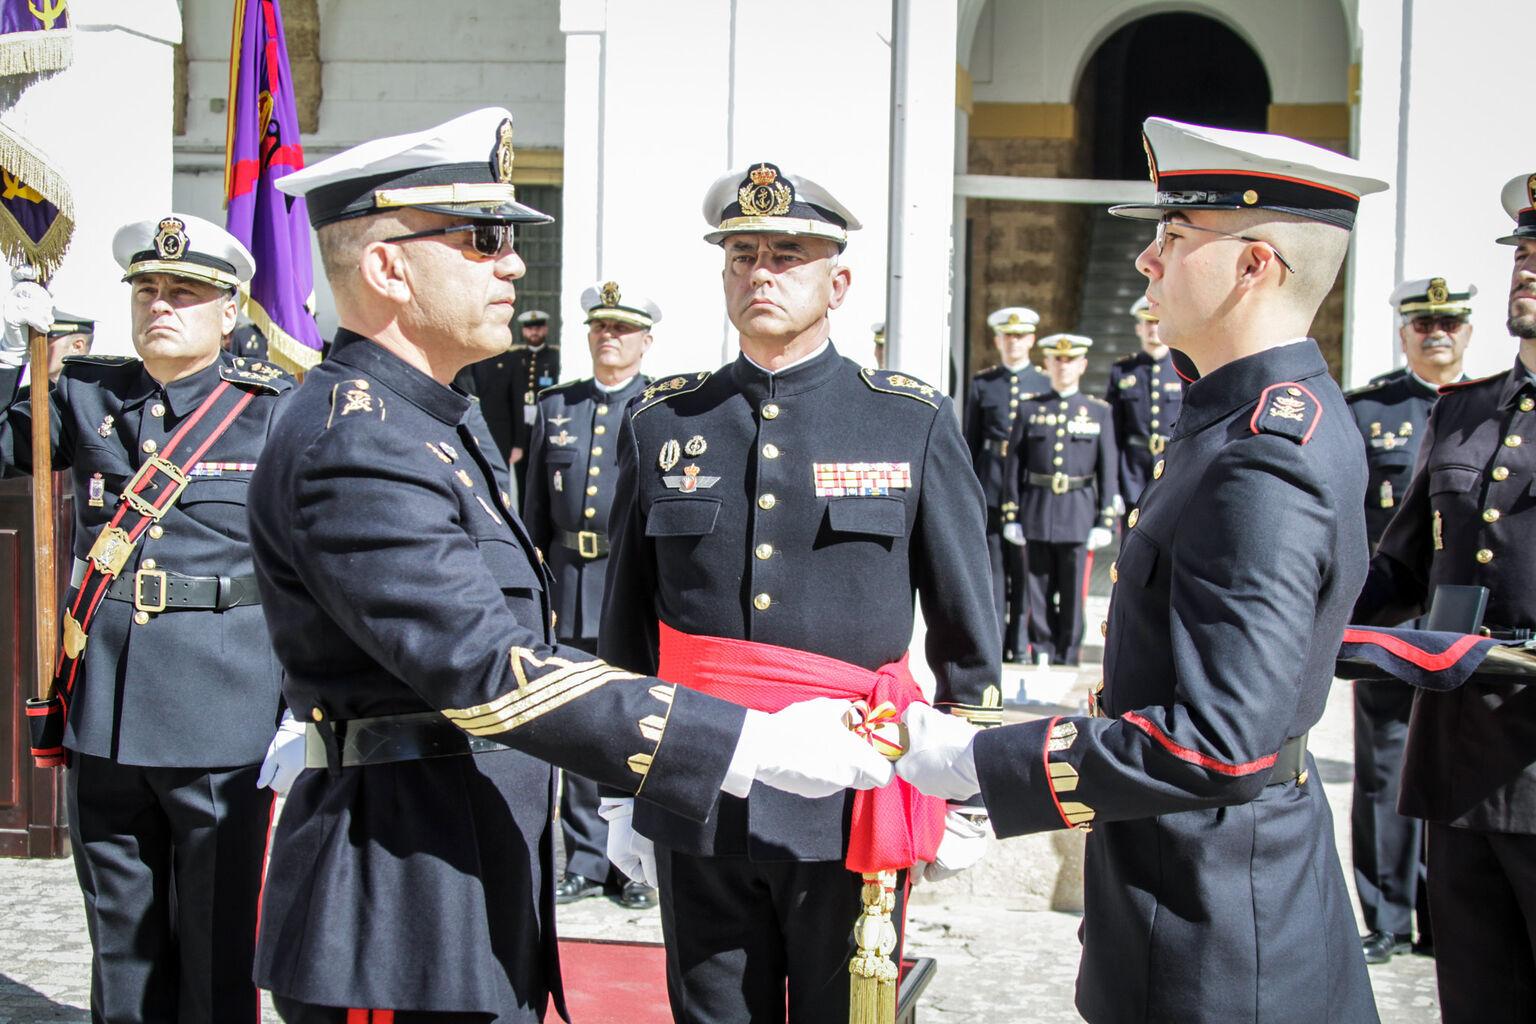 La Infantería de Marina celebra su 483 aniversario en el TEAR